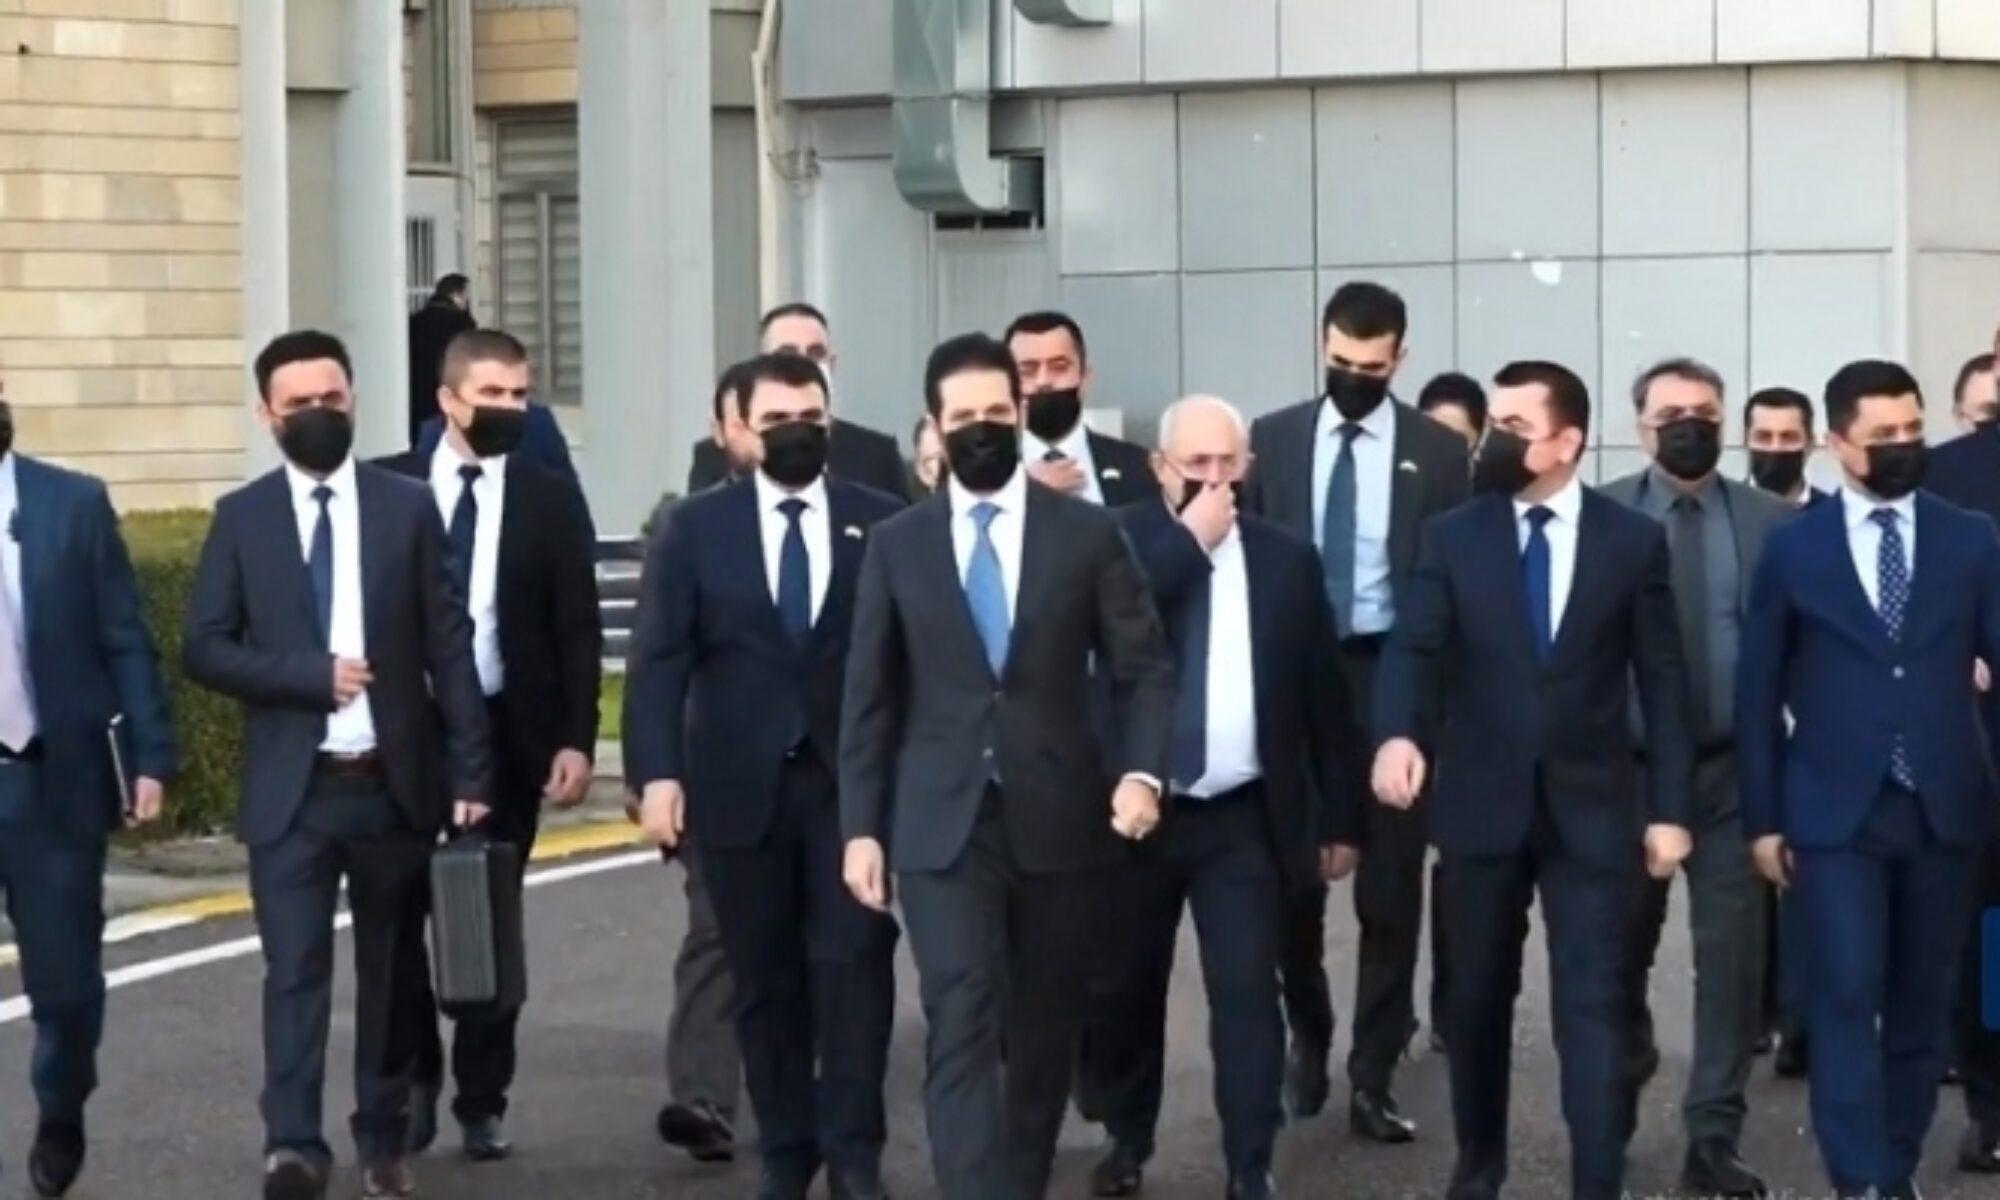 Kürdistan Müzakere Heyeti, Başbakan'ın görevlendirmesiyle Parlamento'da bilgilendirme yapacak